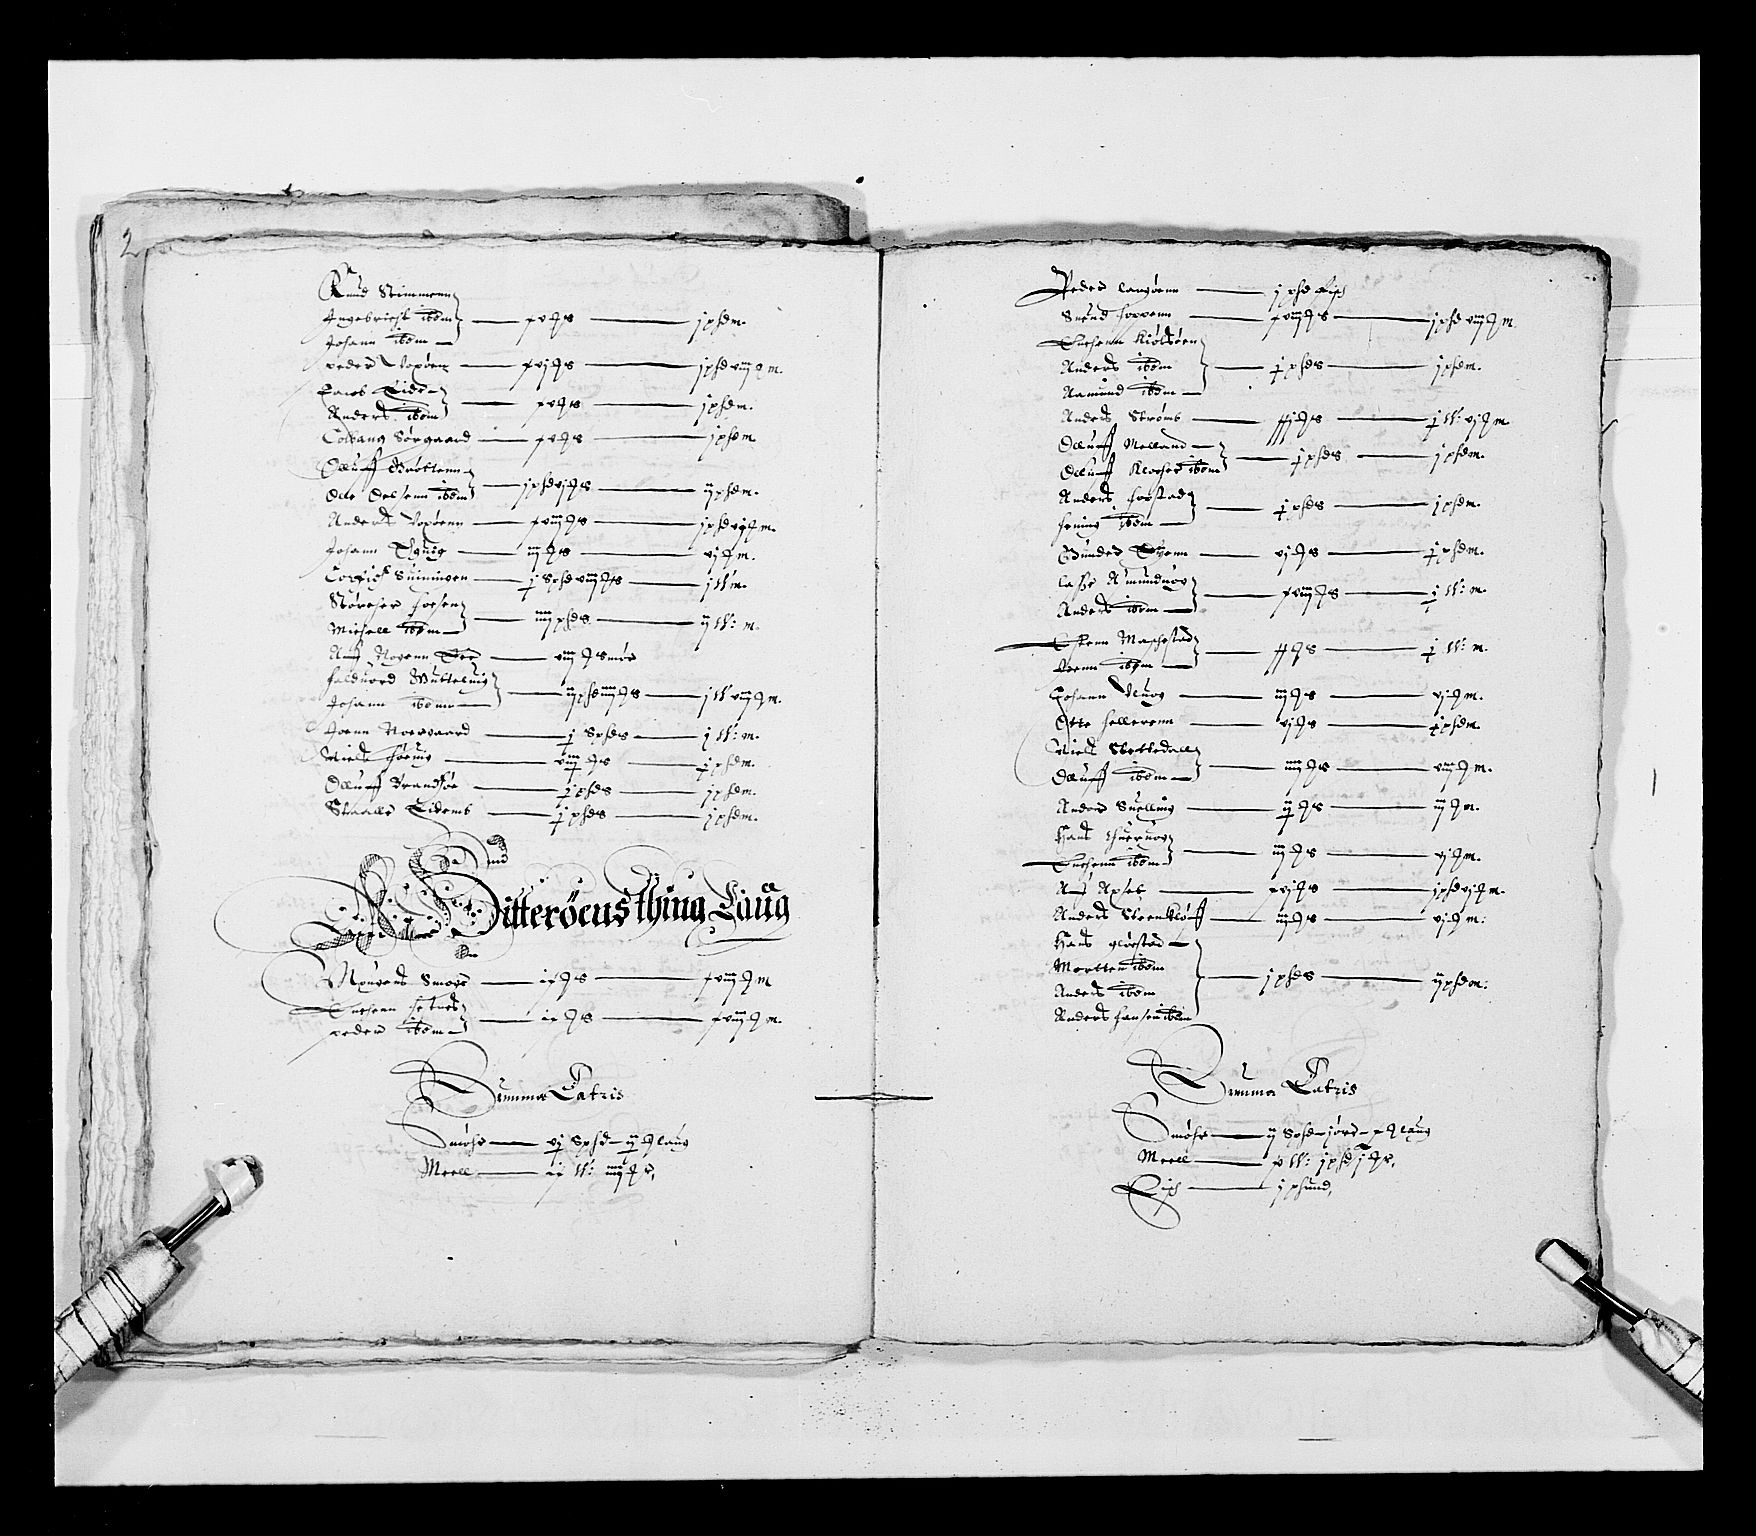 RA, Stattholderembetet 1572-1771, Ek/L0028: Jordebøker 1633-1658:, 1645-1646, s. 61